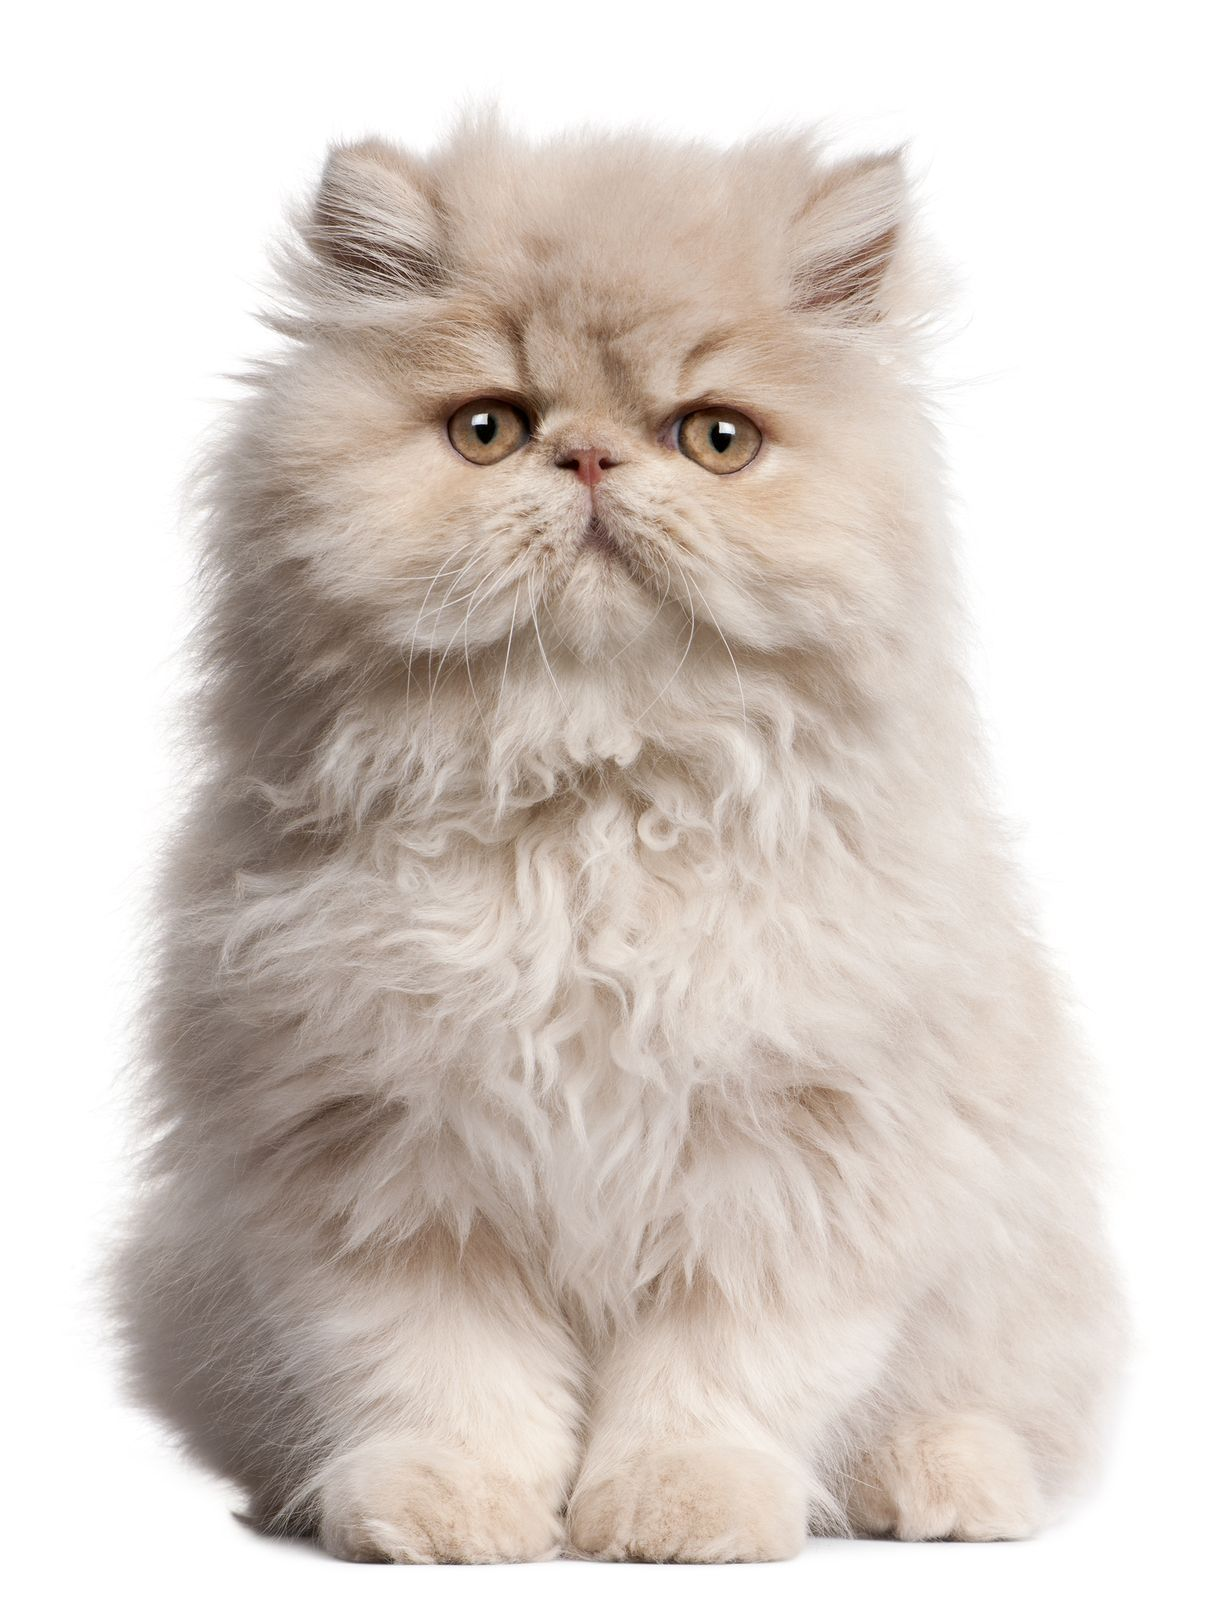 fluffy cat flat face wallpaper hd Persian cat, Cute cats